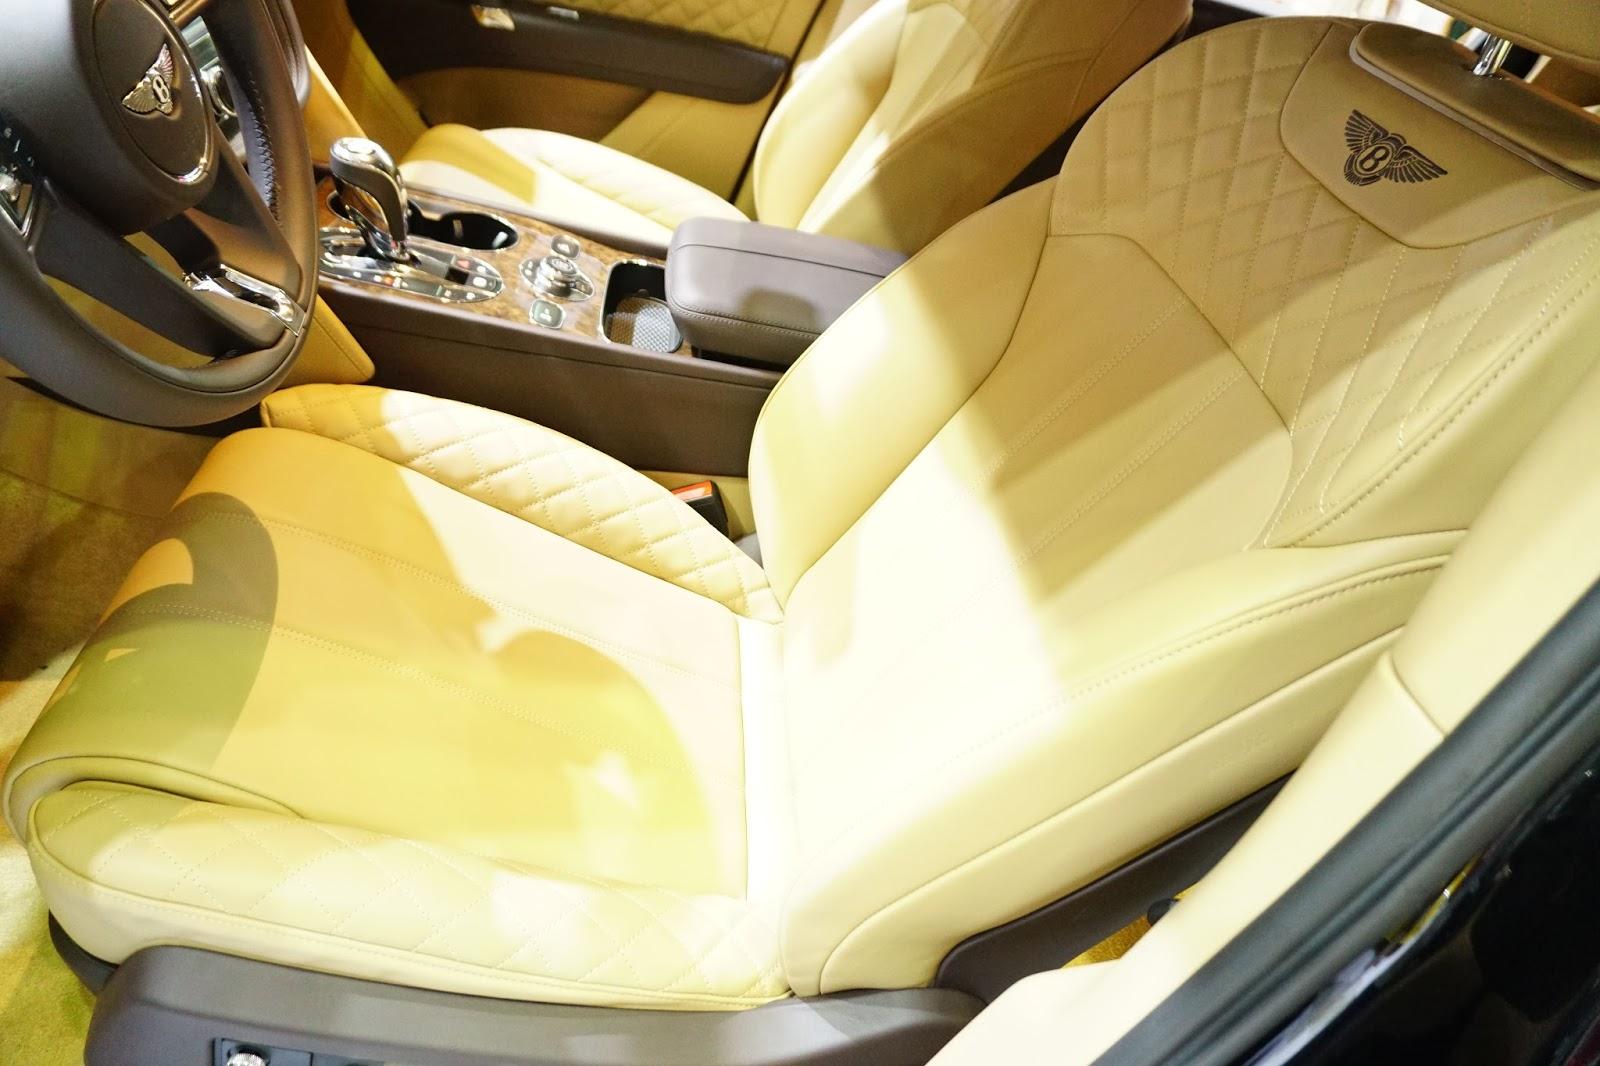 Ngồi ghế lái của Bentley, chắc chắn có nhiều trải nghiệm đỉnh